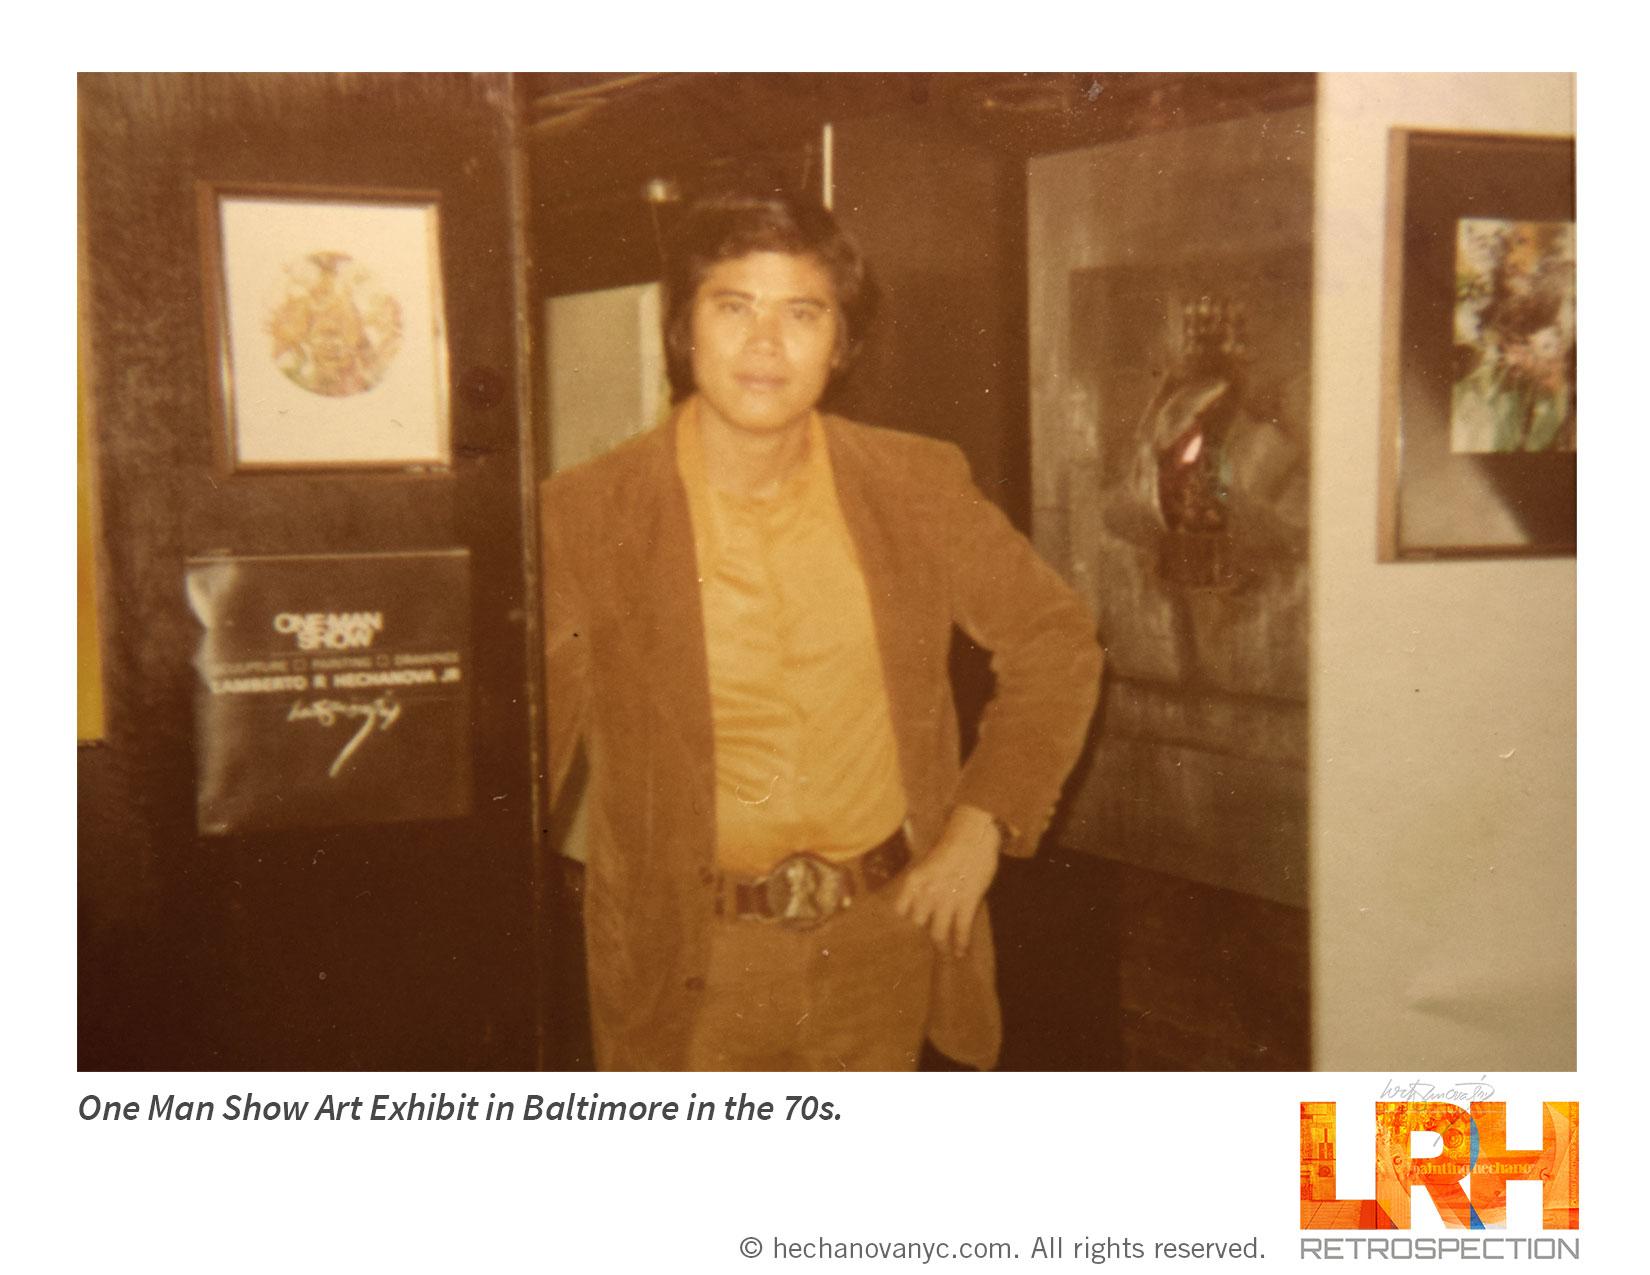 One-Man Show Art Exhibiit